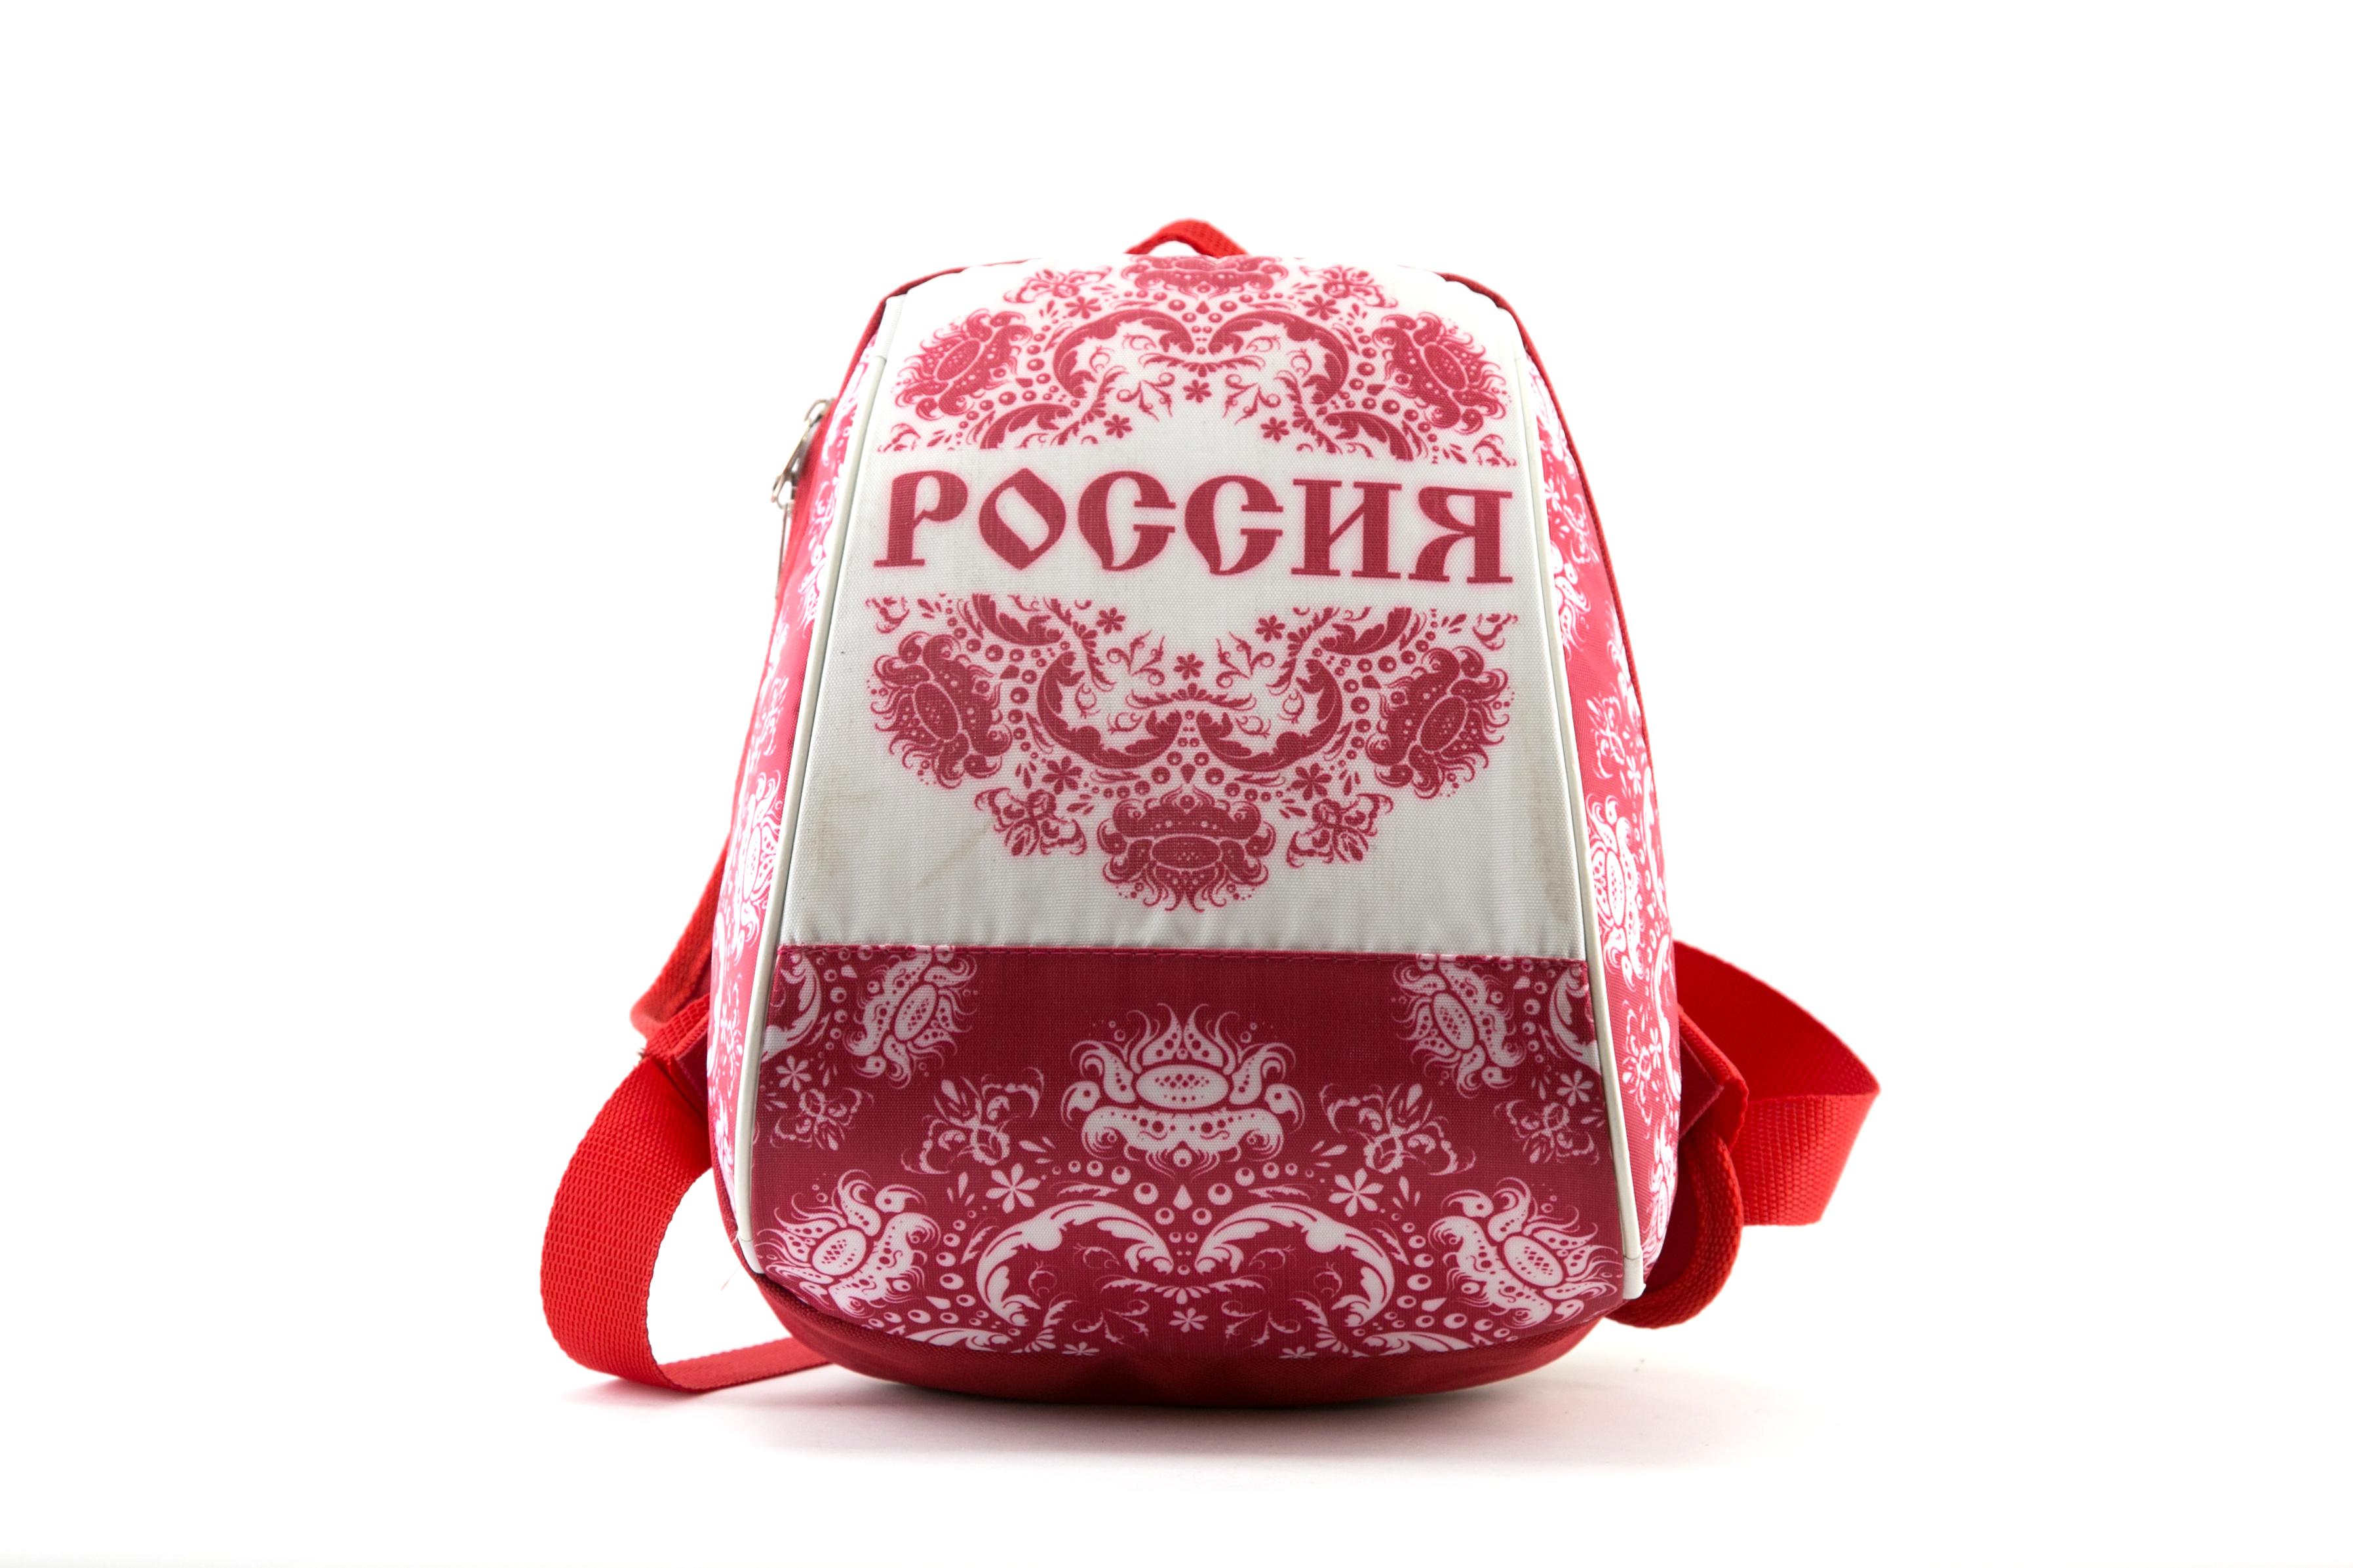 Сбор заказов. Сумки из натуральной кожи стоят дорого? Купи 2 из экокожи от Pеkof и SANDA. От 250 рублей! Качественные сумки, школьные рюкзаки и кожгалантерея. Заходи! (2)